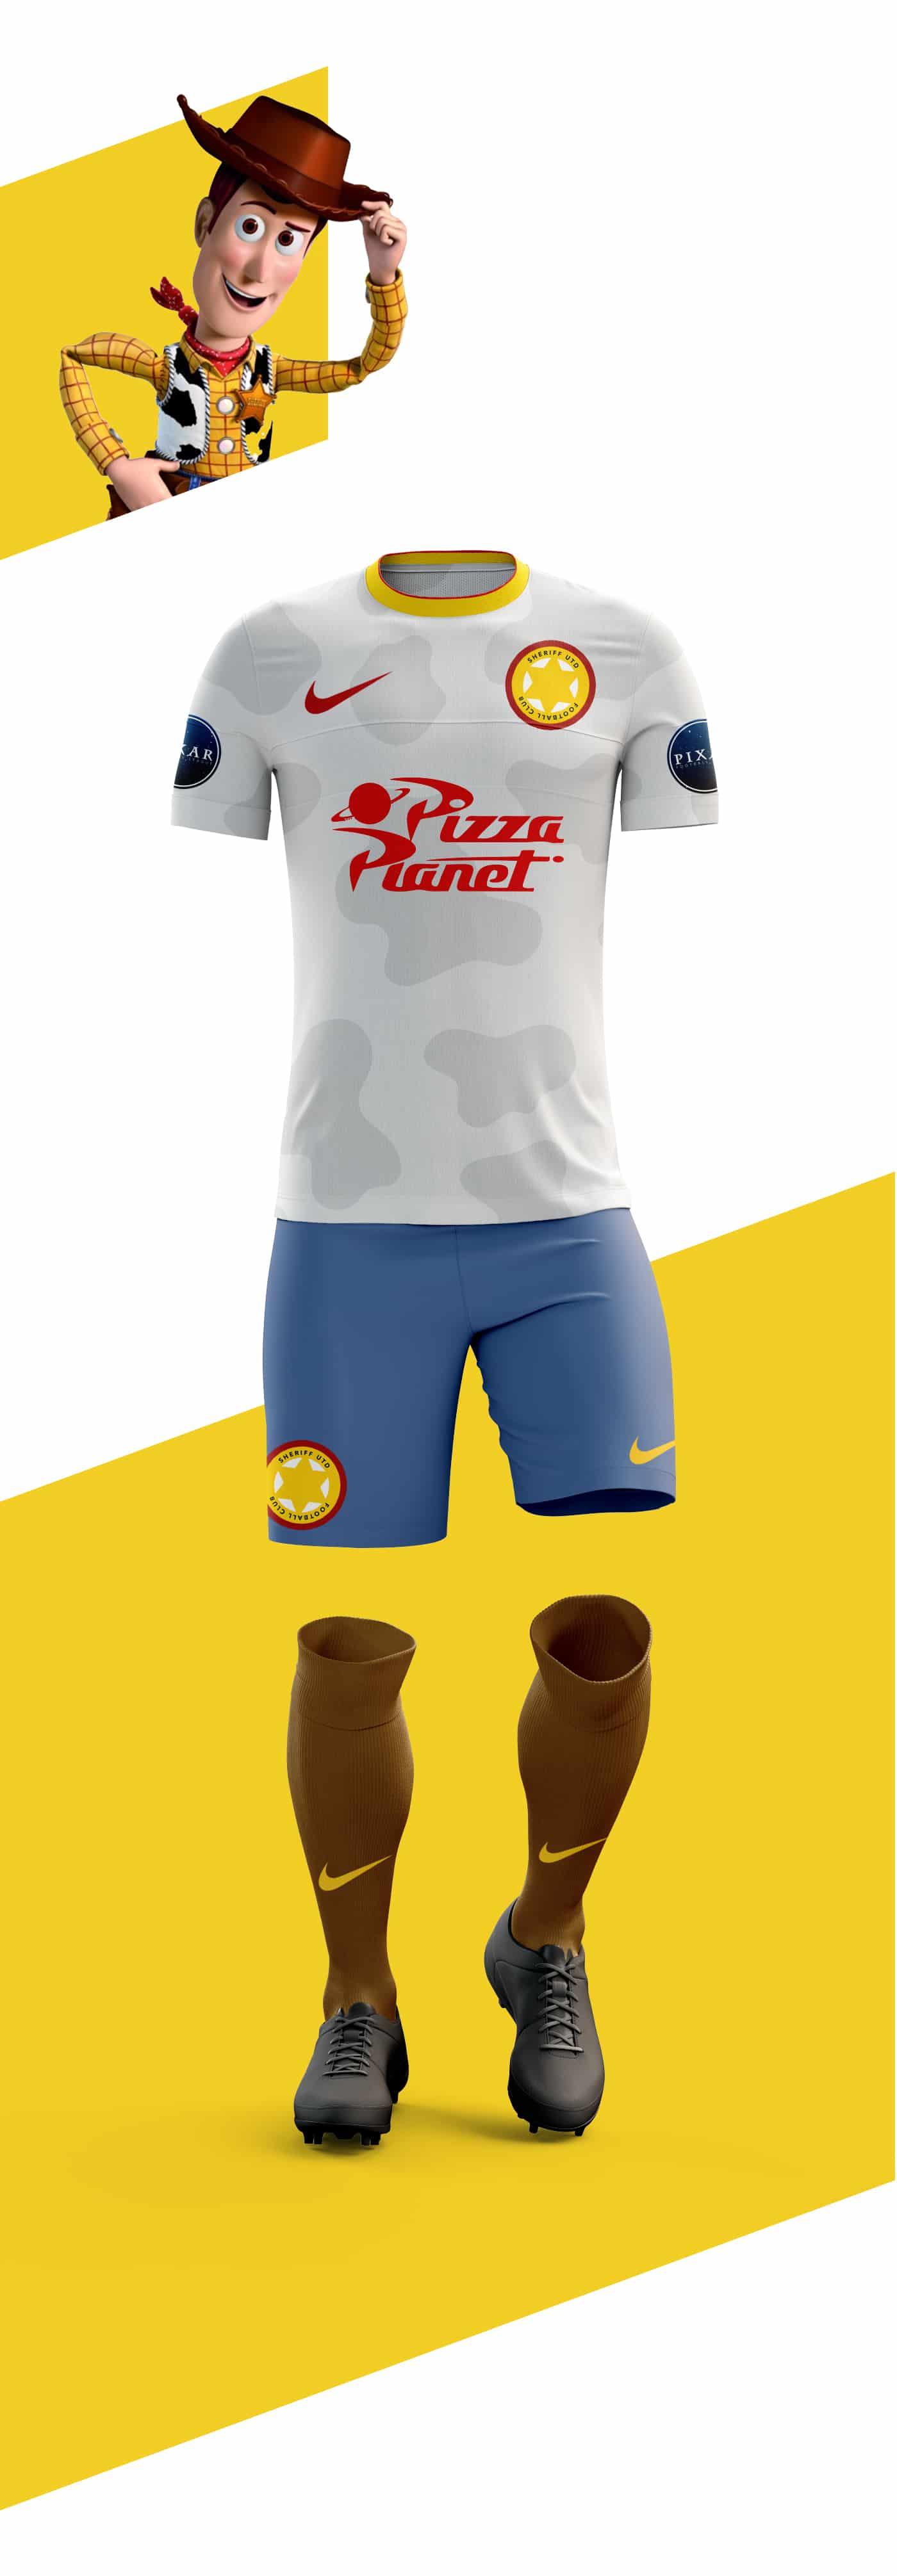 Néo, Buzz l'Eclair, Woody le Shérif, Dory. Et si Pixar se lançait dans le football ? C'est ce que Martin Turner a imaginé avec ces maillots de football.